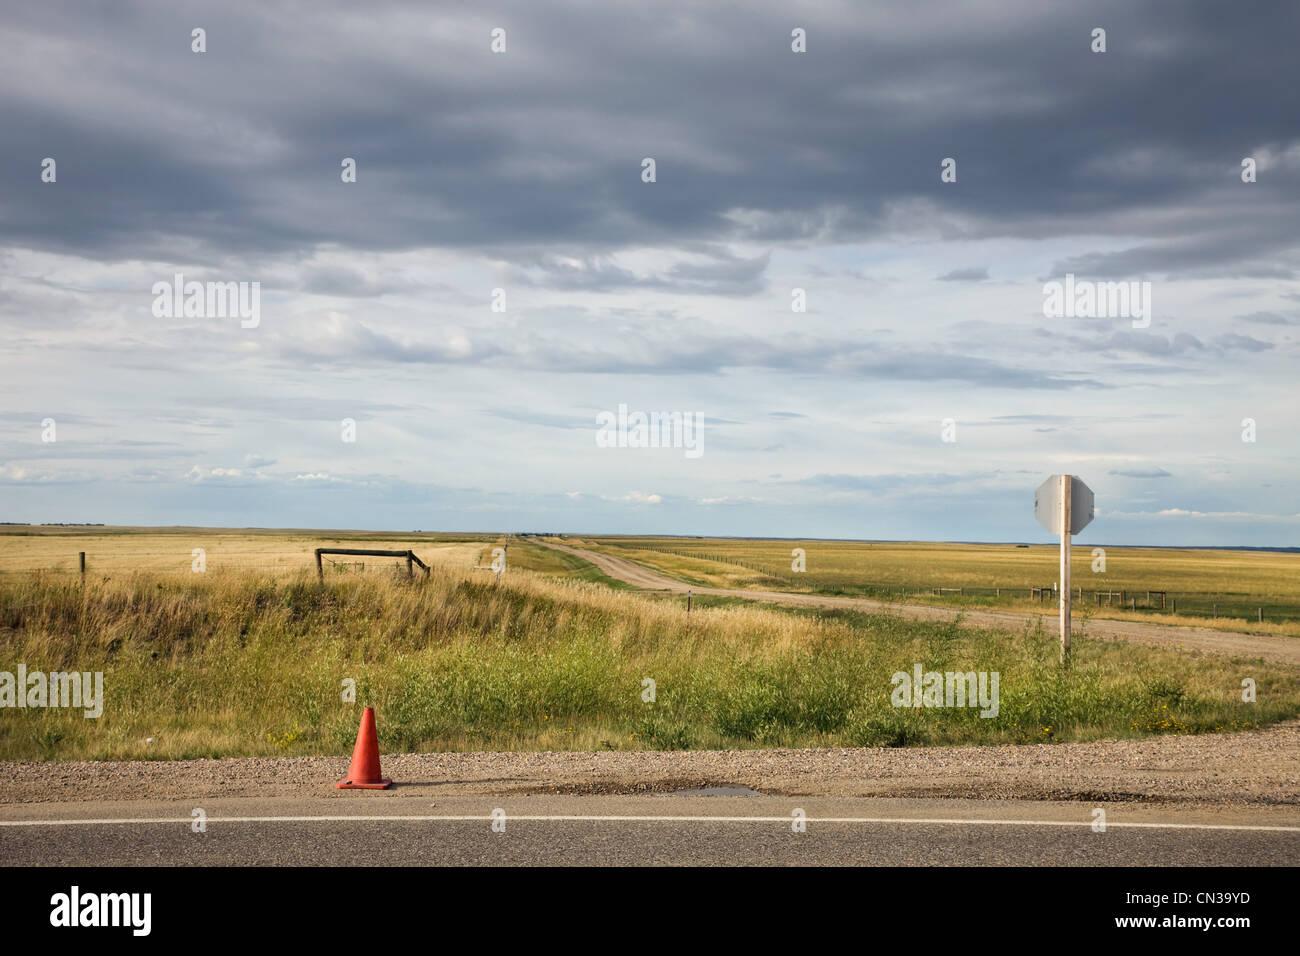 Cono de tráfico en la carretera rural Imagen De Stock